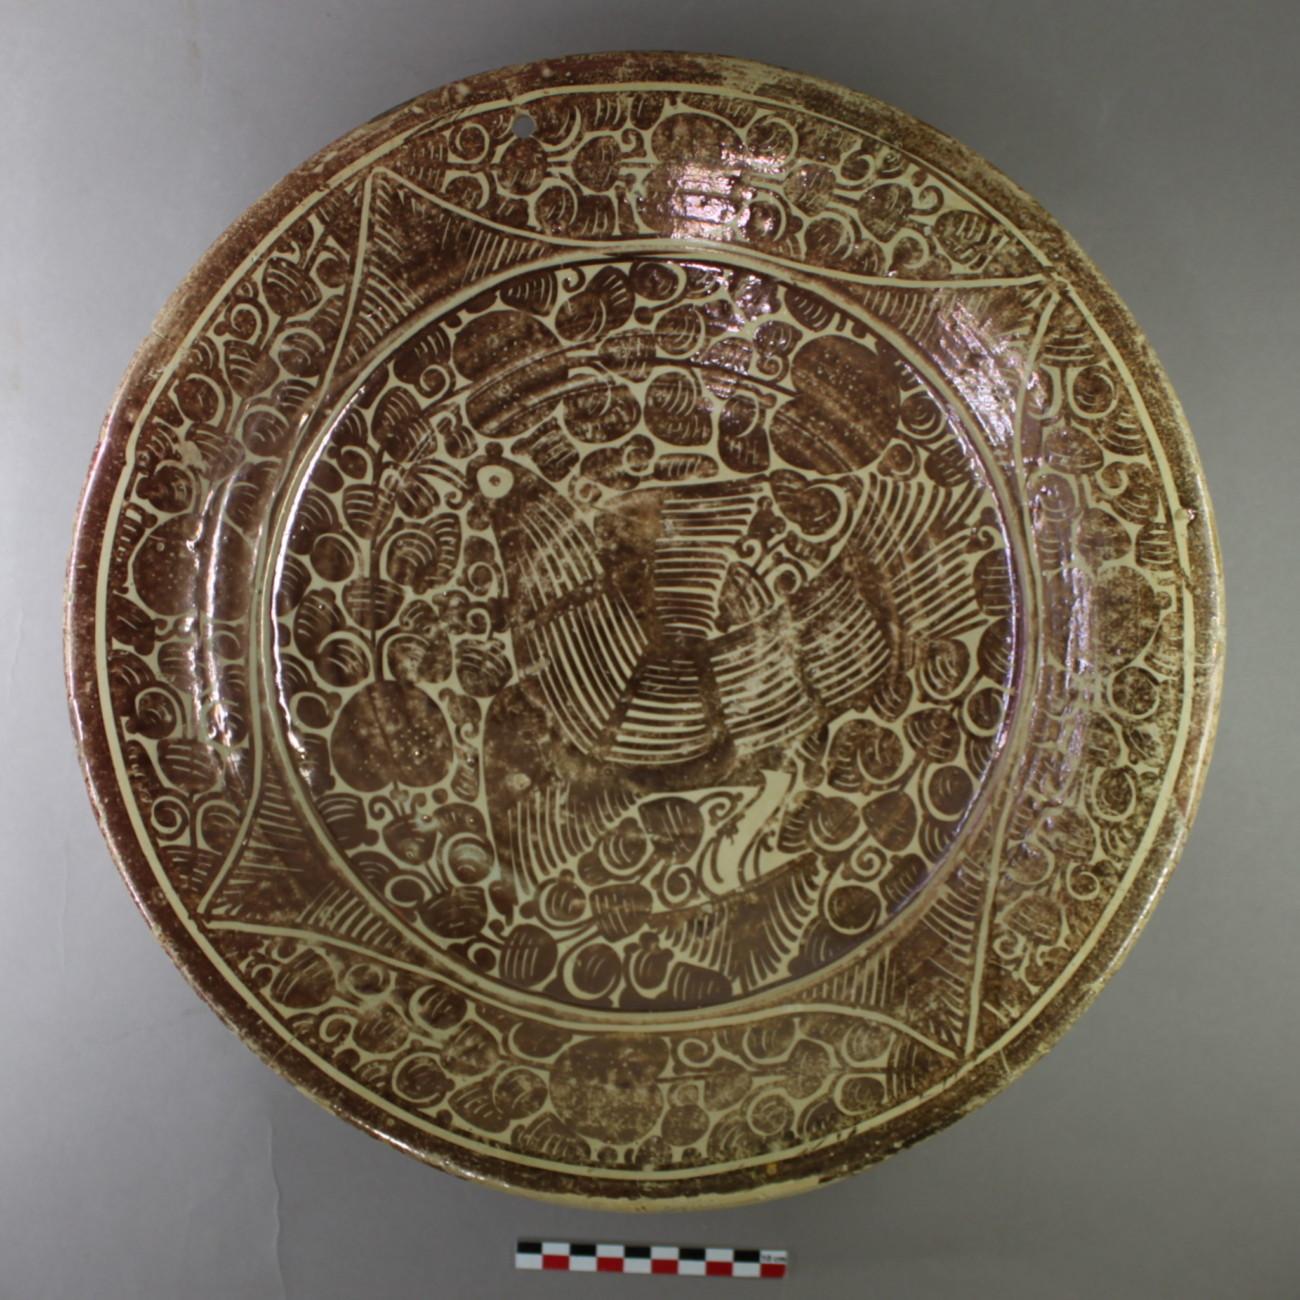 Restauration d'une céramique lustrée hispano-mauresque